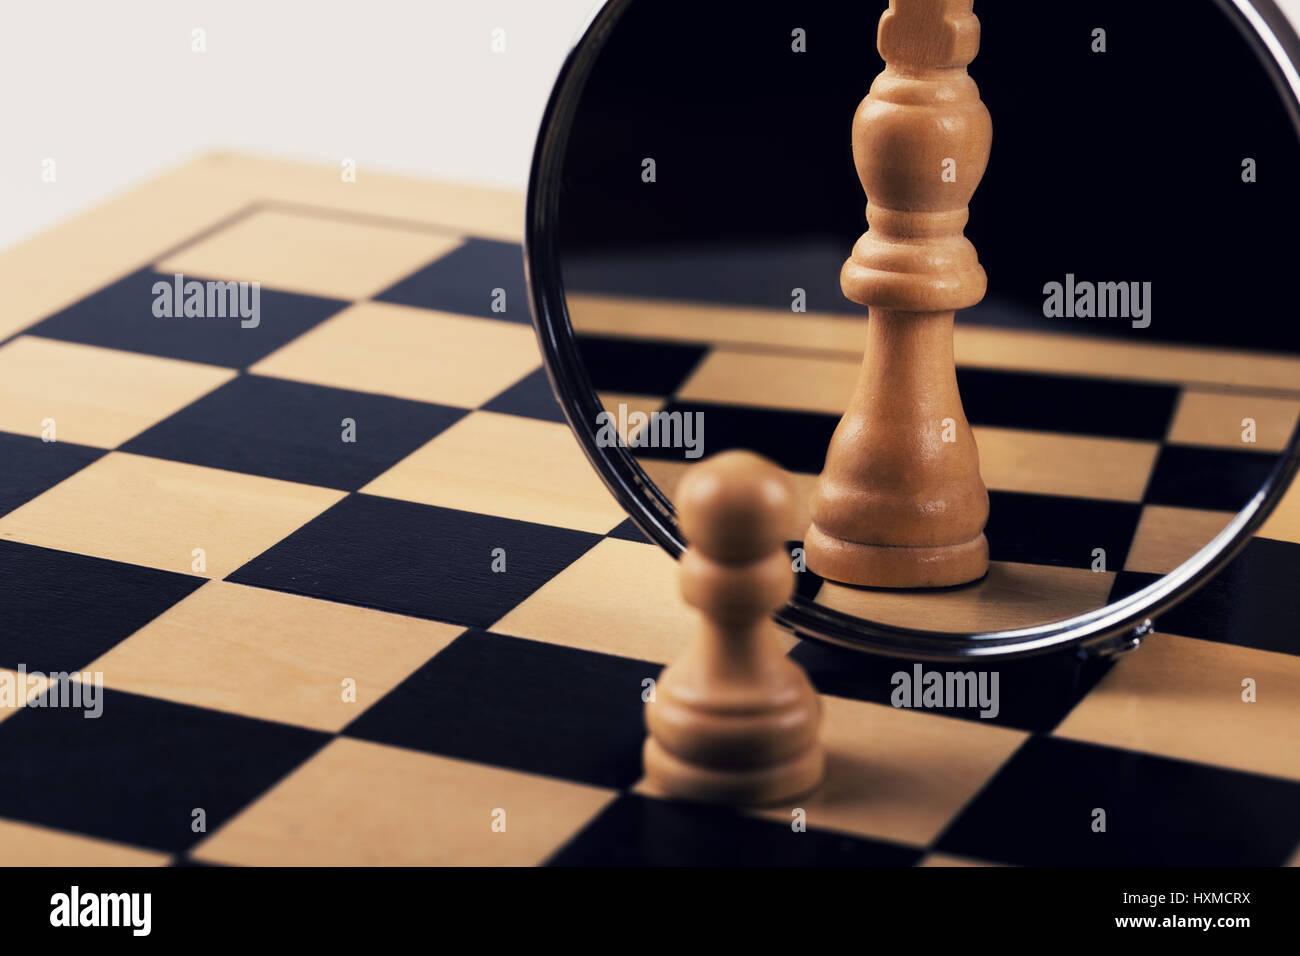 Führung, Vertrauen und Phantasie Konzept - Spiegelbild Stockbild